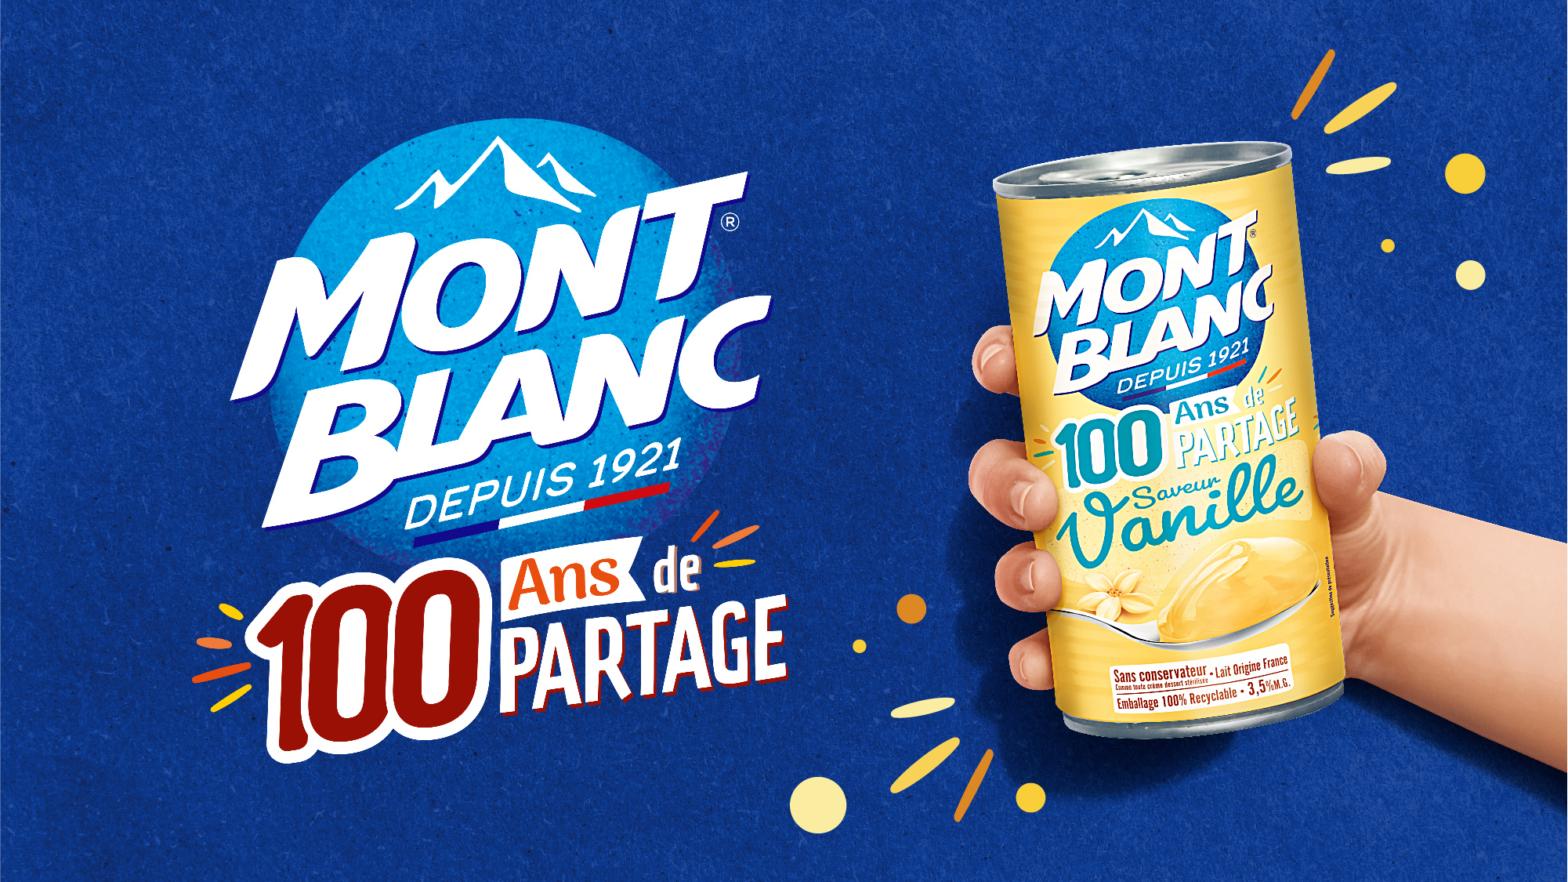 Montblanc fête ses 100 ans